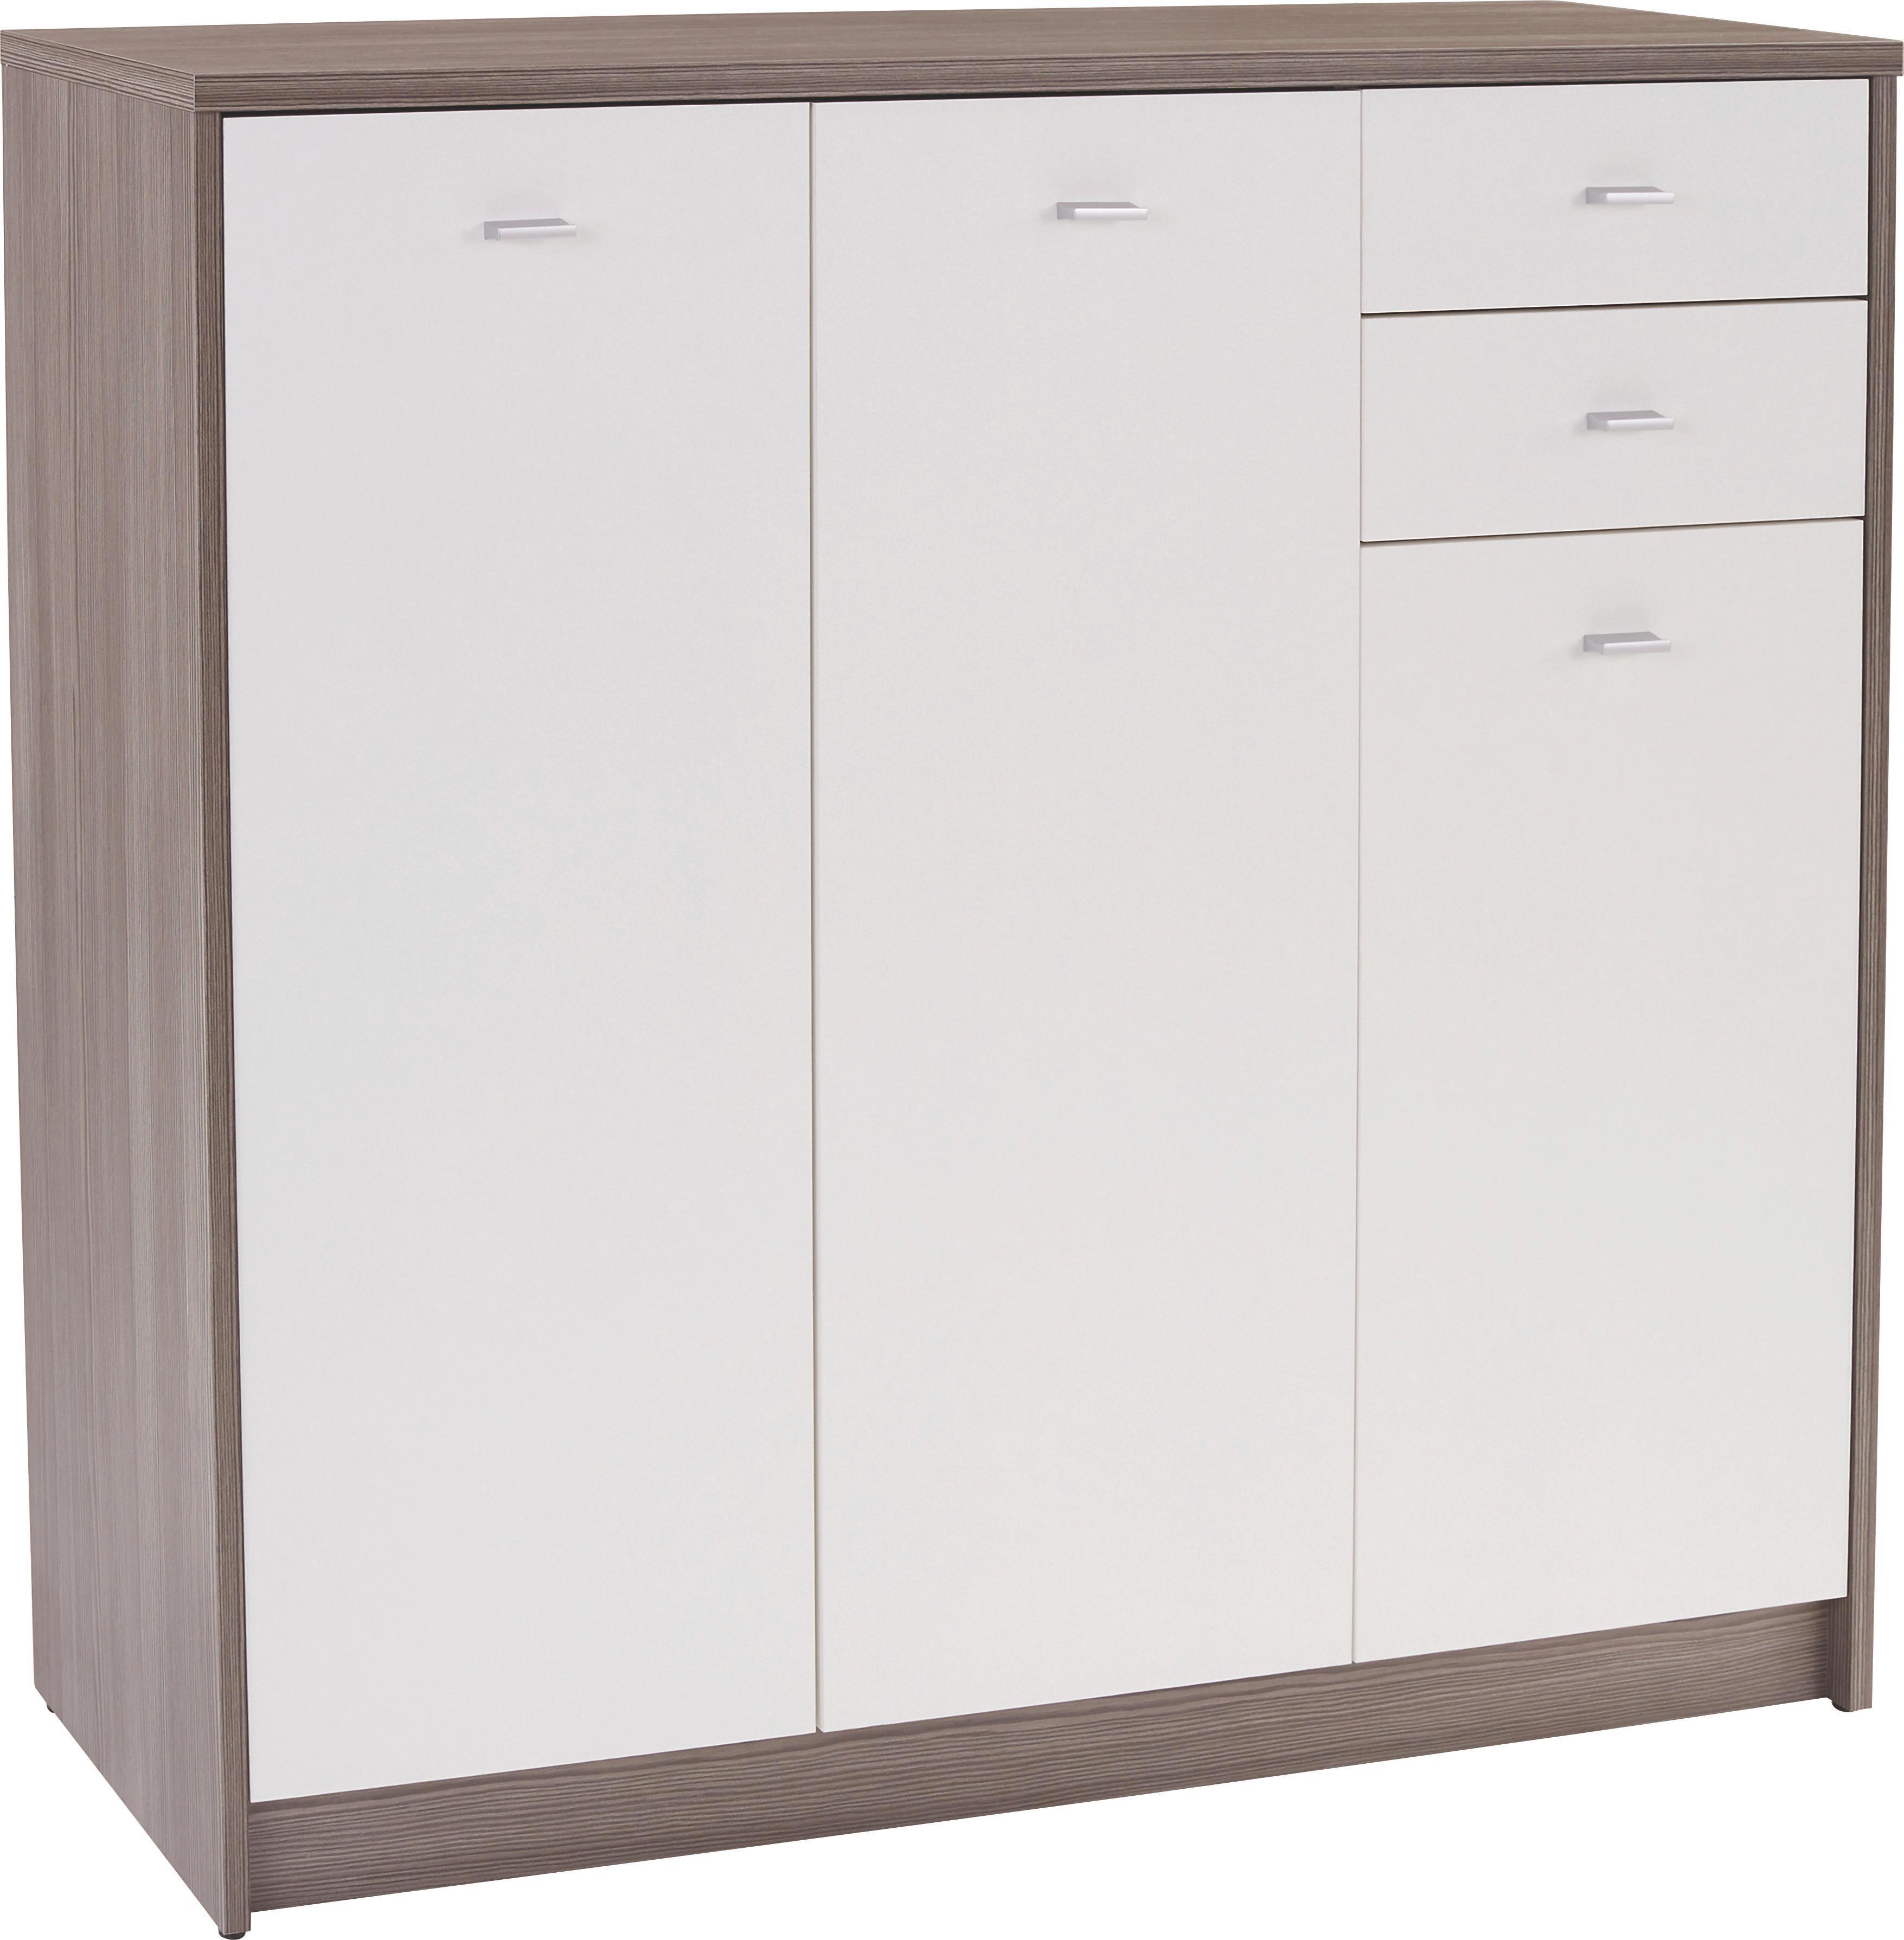 Komoda 4-you Yuk09 - bílá/tmavě hnědá, Moderní, dřevěný materiál (109,1/111,4/34,6cm)